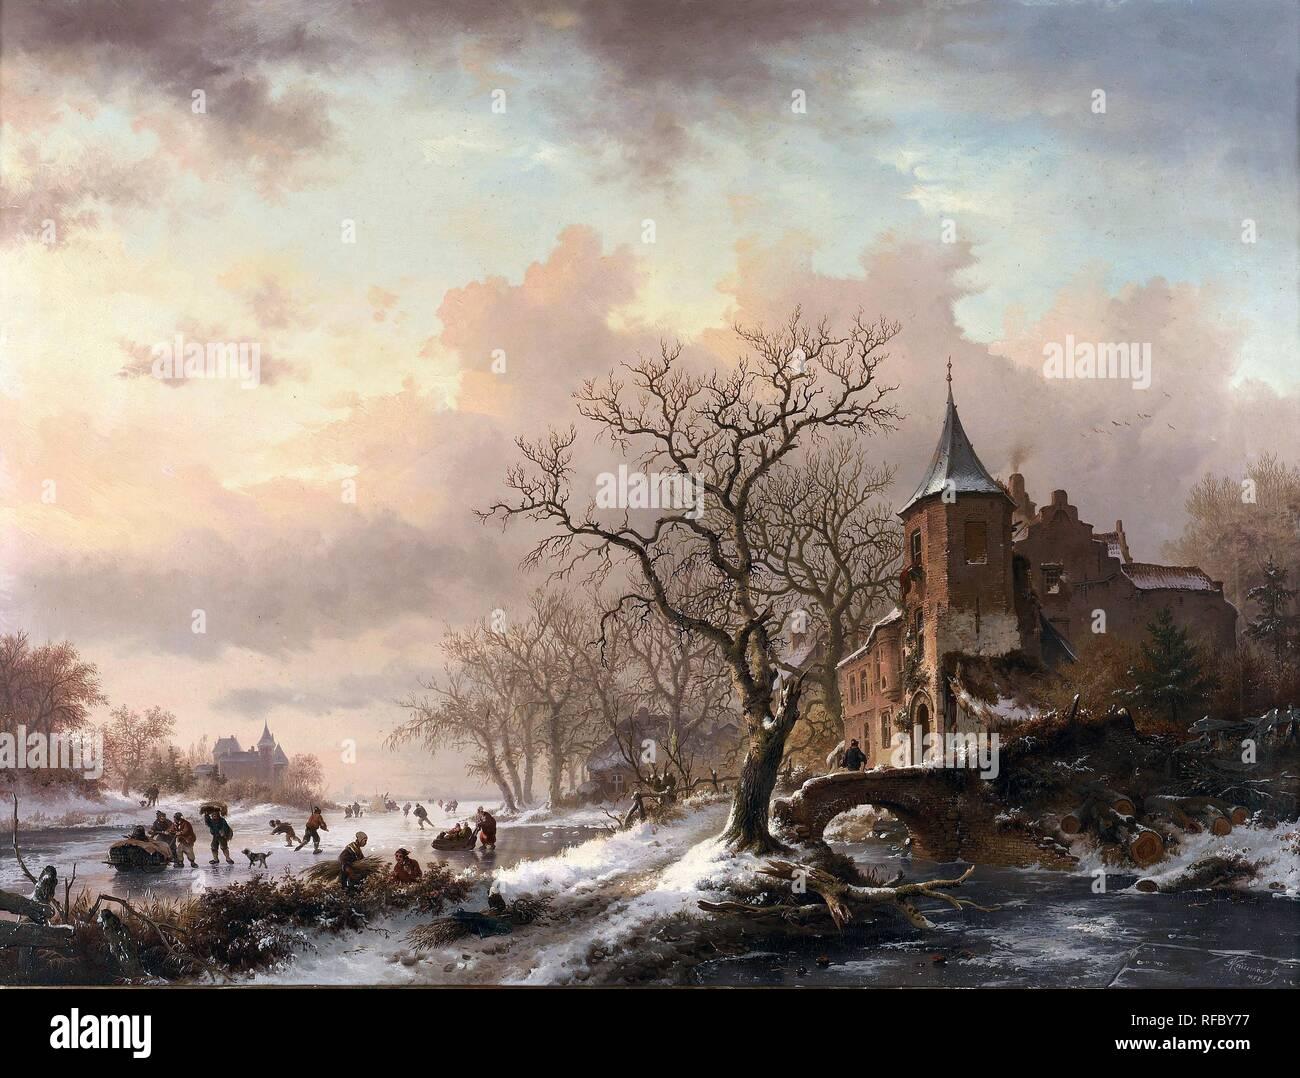 Frederik Marinus Kruseman - collection privée. Titre: Château dans un paysage d'hiver et des patineurs sur une rivière Fozen. Date: 1855. Matériel: Huile sur panneau. Dimensions: 48 x 63,5 cm. Inscriptions: FMKruseman /fc 1855 (en bas). righr Vendu par Bonhams à Londres, le 16 juin 2004. Source: http://commons.wikimedia.org/wiki/File:Frederik_Marinus_Kruseman_-_Kasteel_in_een_winterlandschap_en_schaatsers_op_een_bevroren_rivier.jpg. J'ai changé la lumière, le contraste et les couleurs de la photo d'origine. Banque D'Images